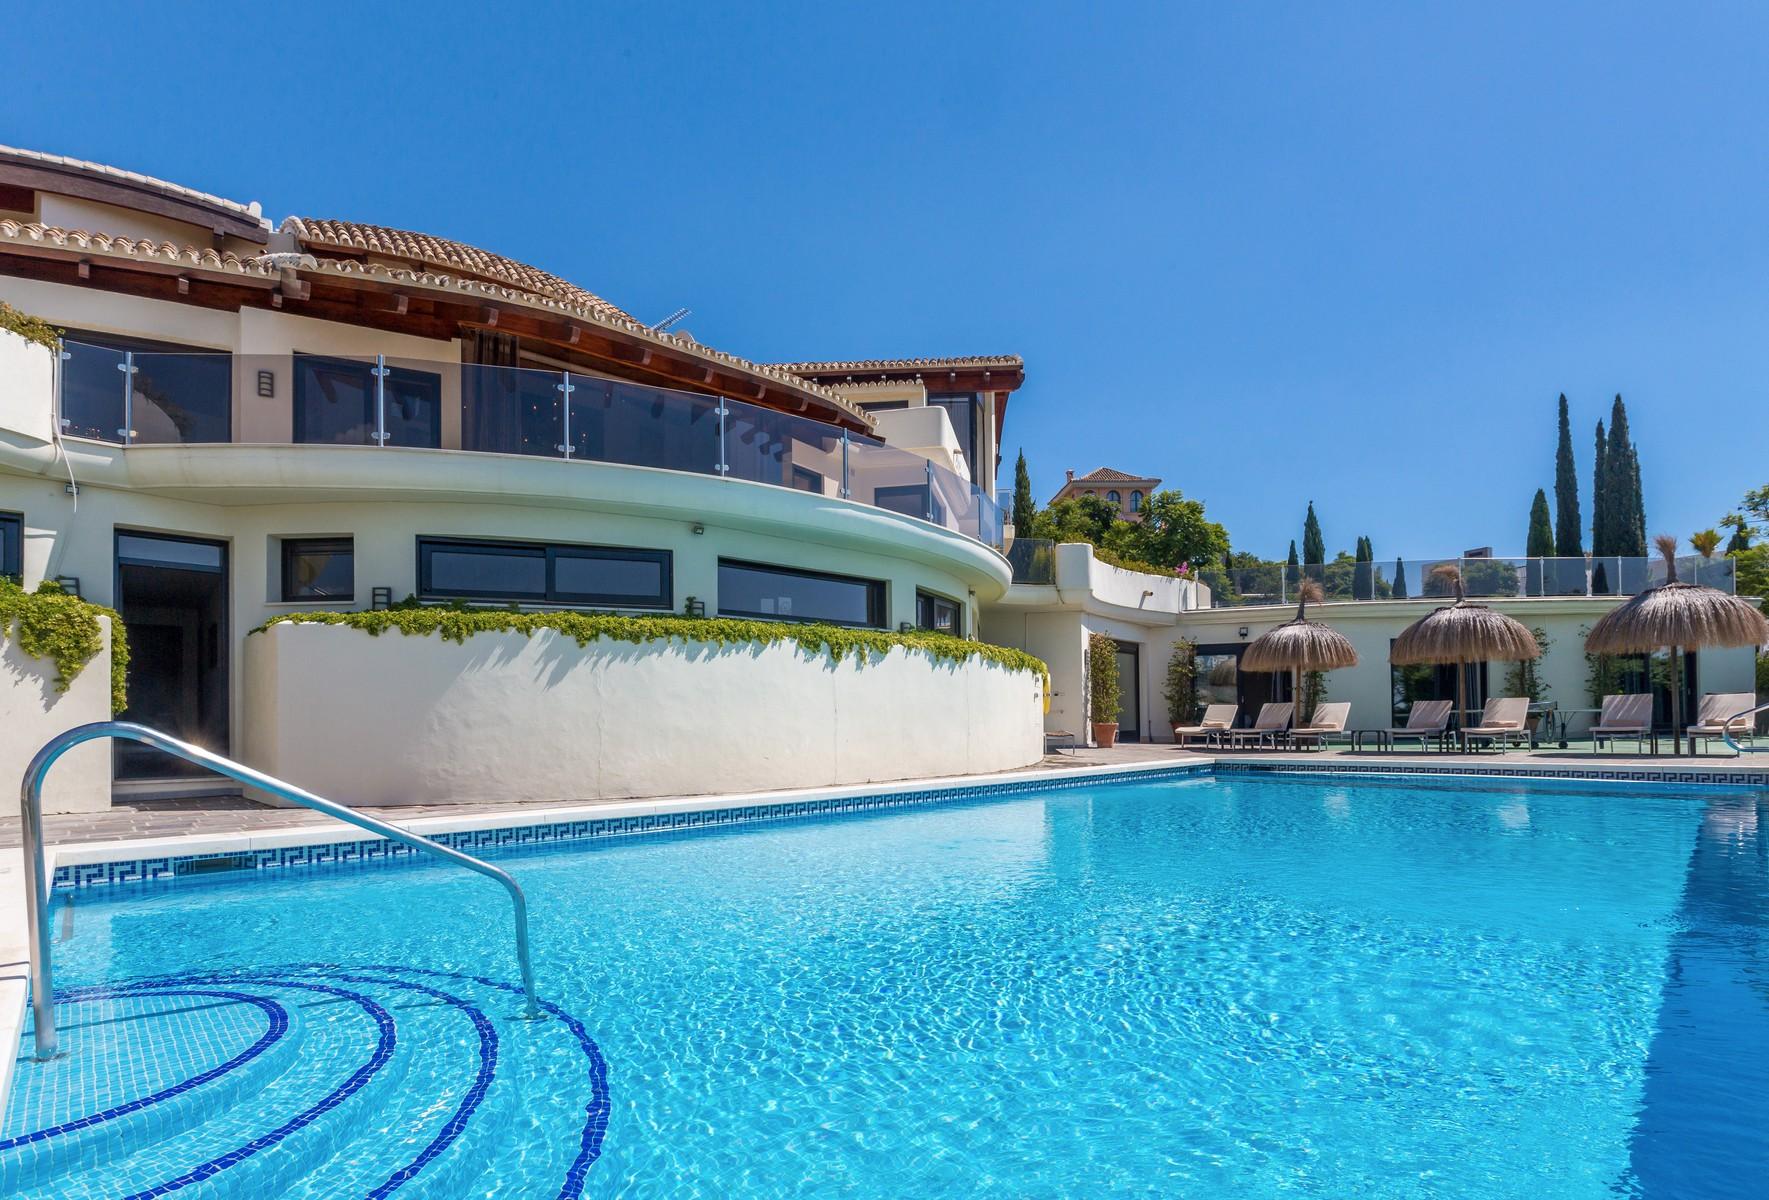 4-villa-el-cano-exterior-pool-3